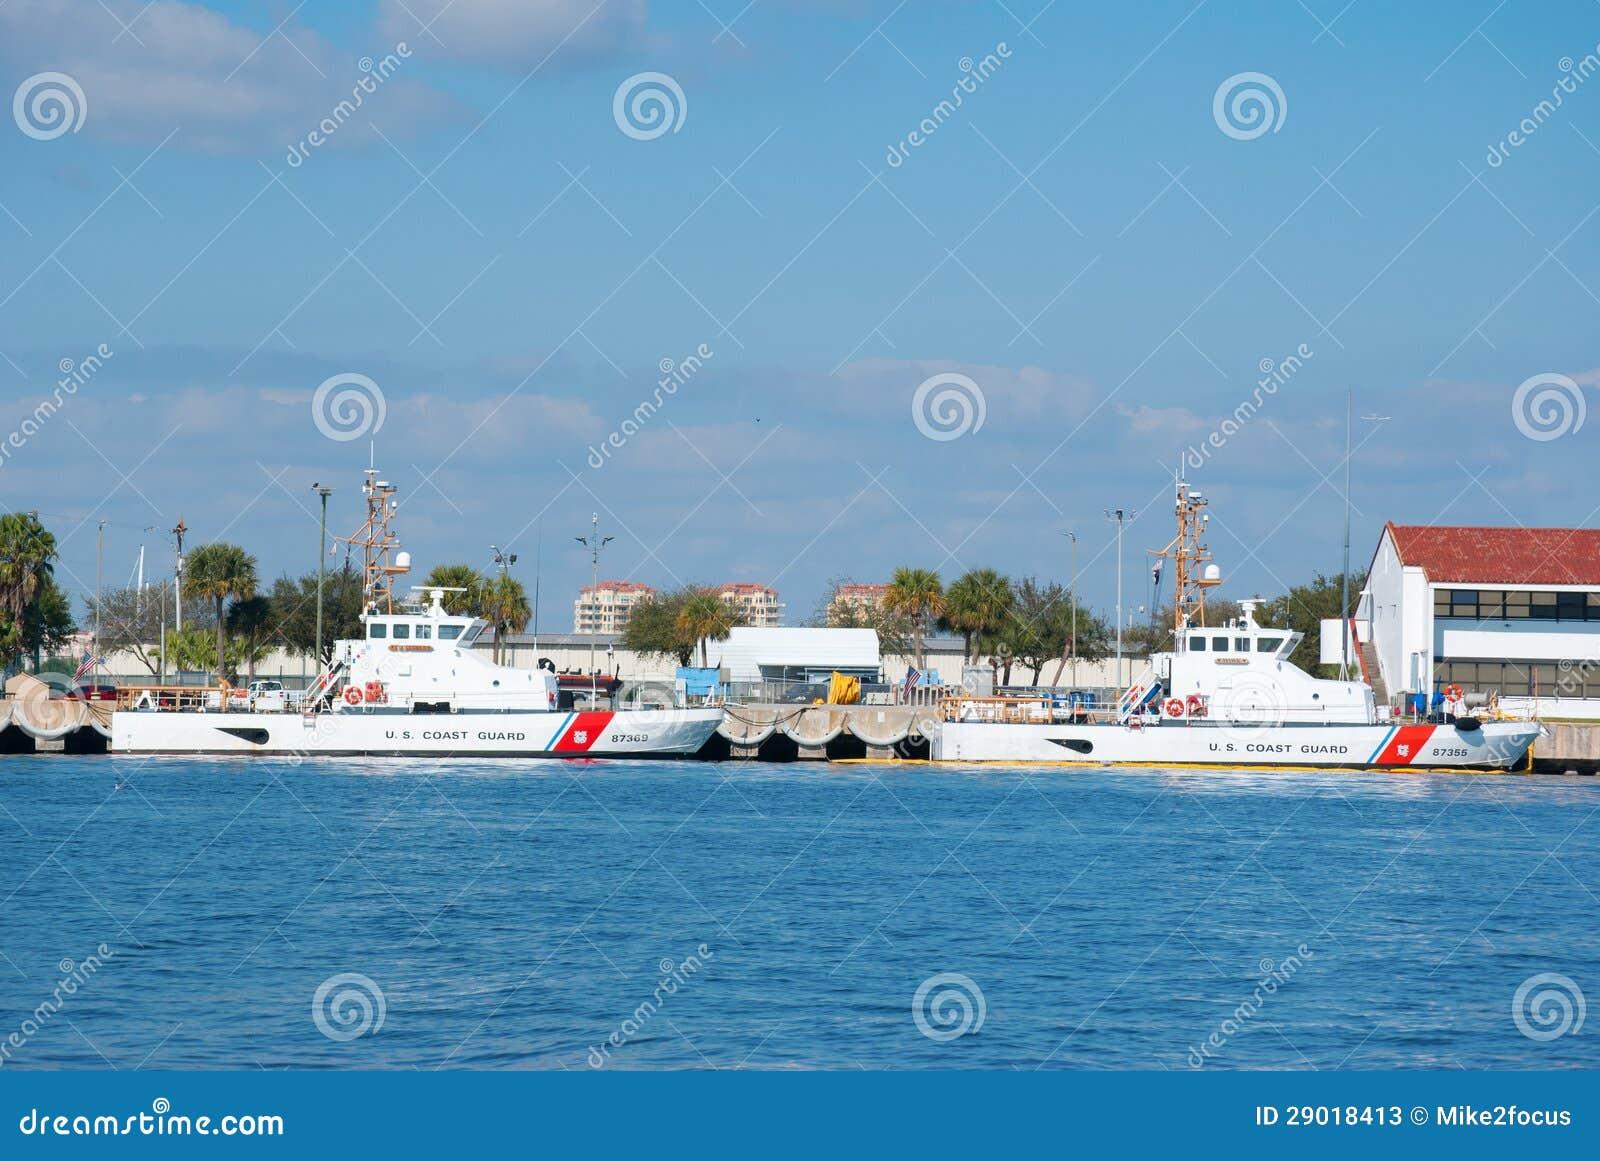 De boten St. Pete Florida van de Kustwacht van Verenigde Staten